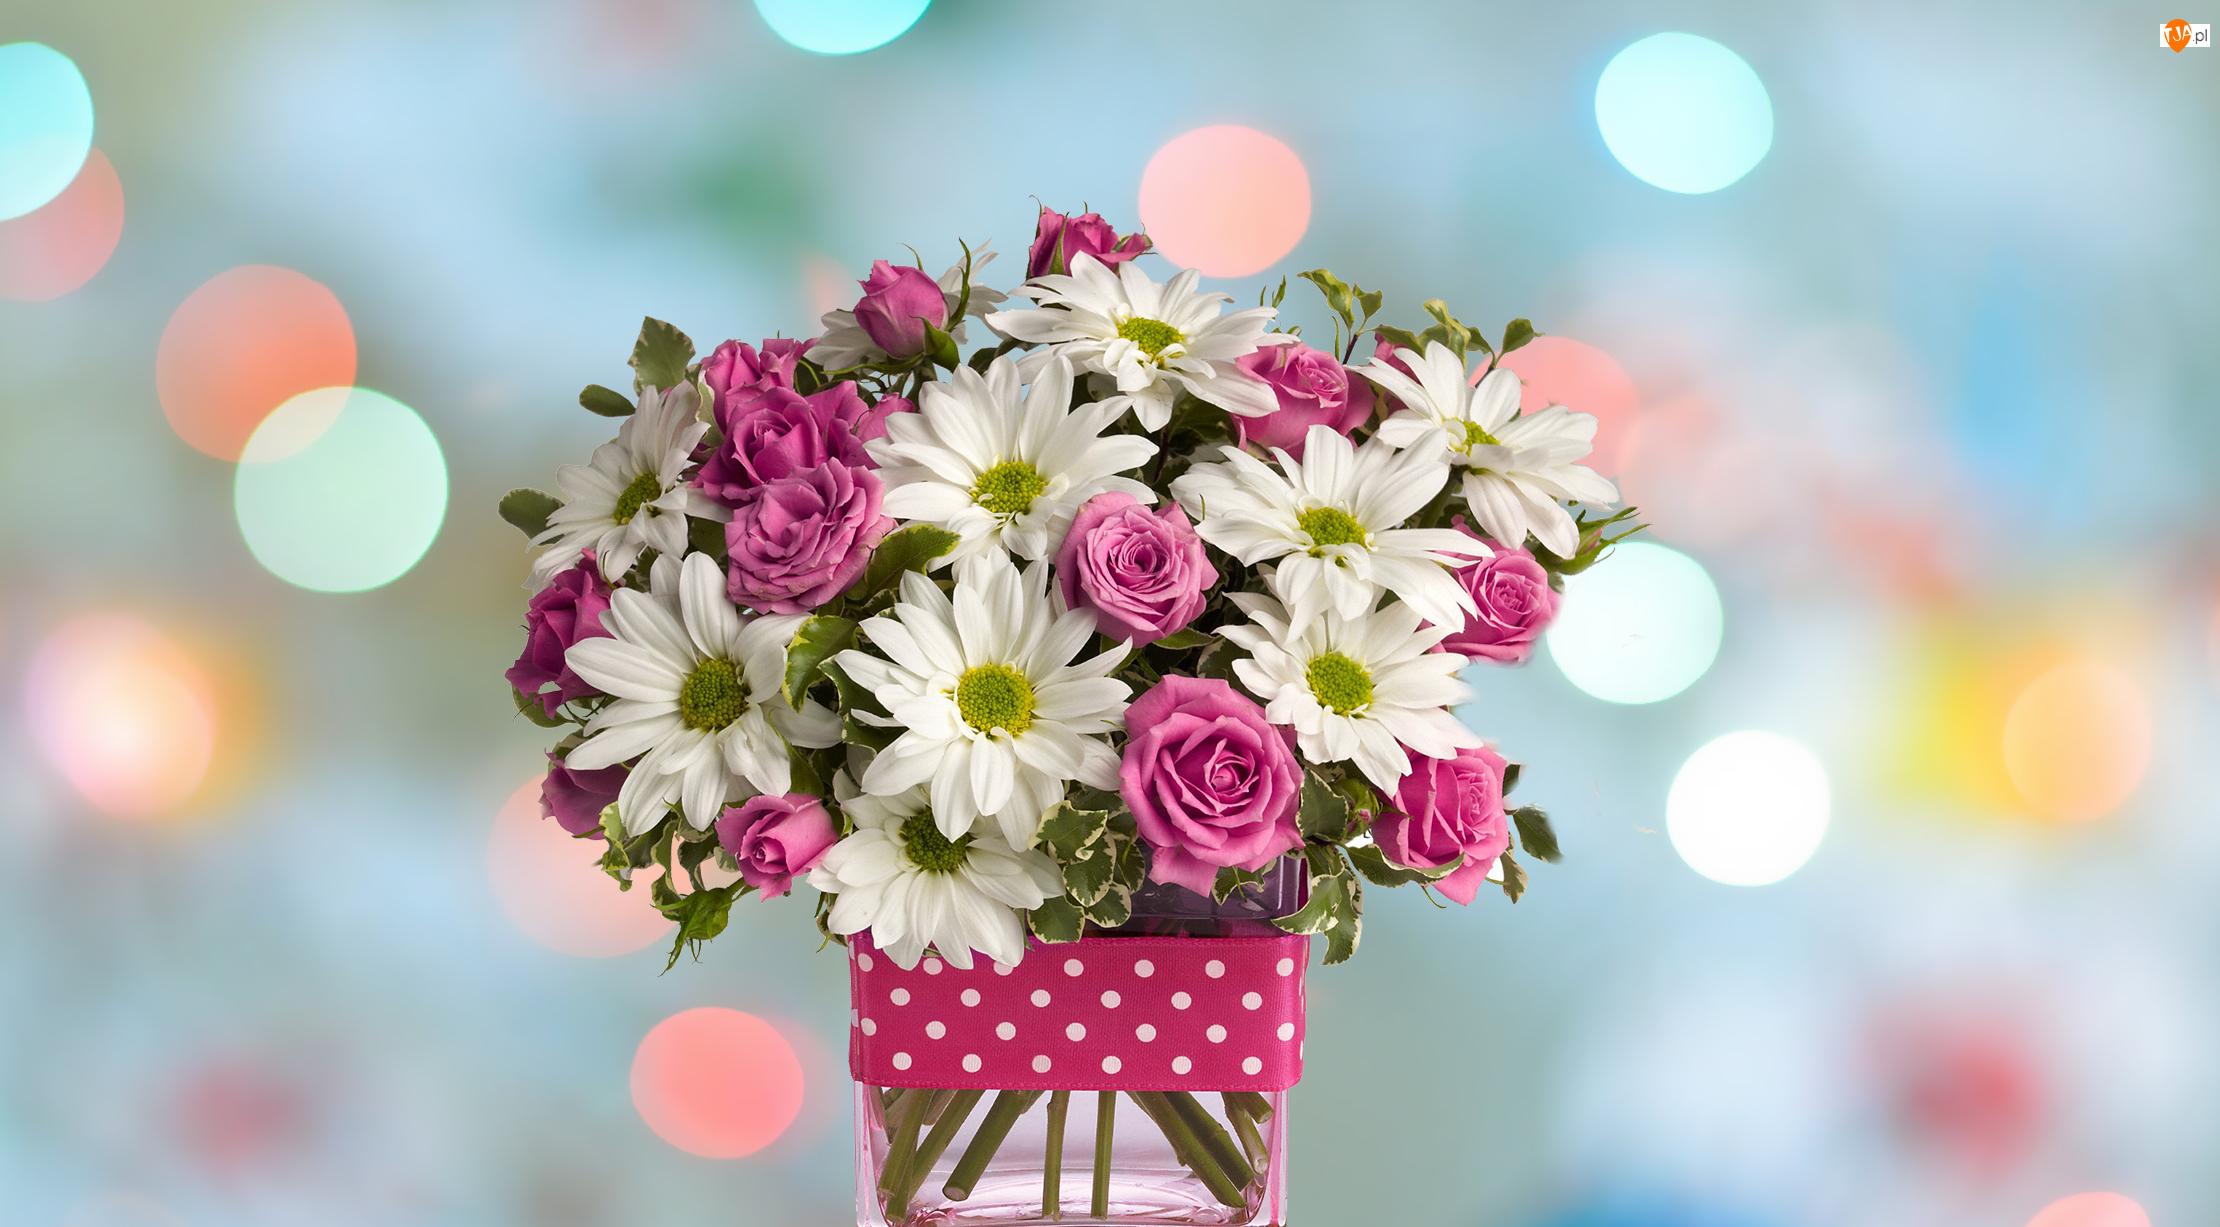 Kwiaty, Bukiet, Chryzantemy, Bokeh, Róże, Wazon